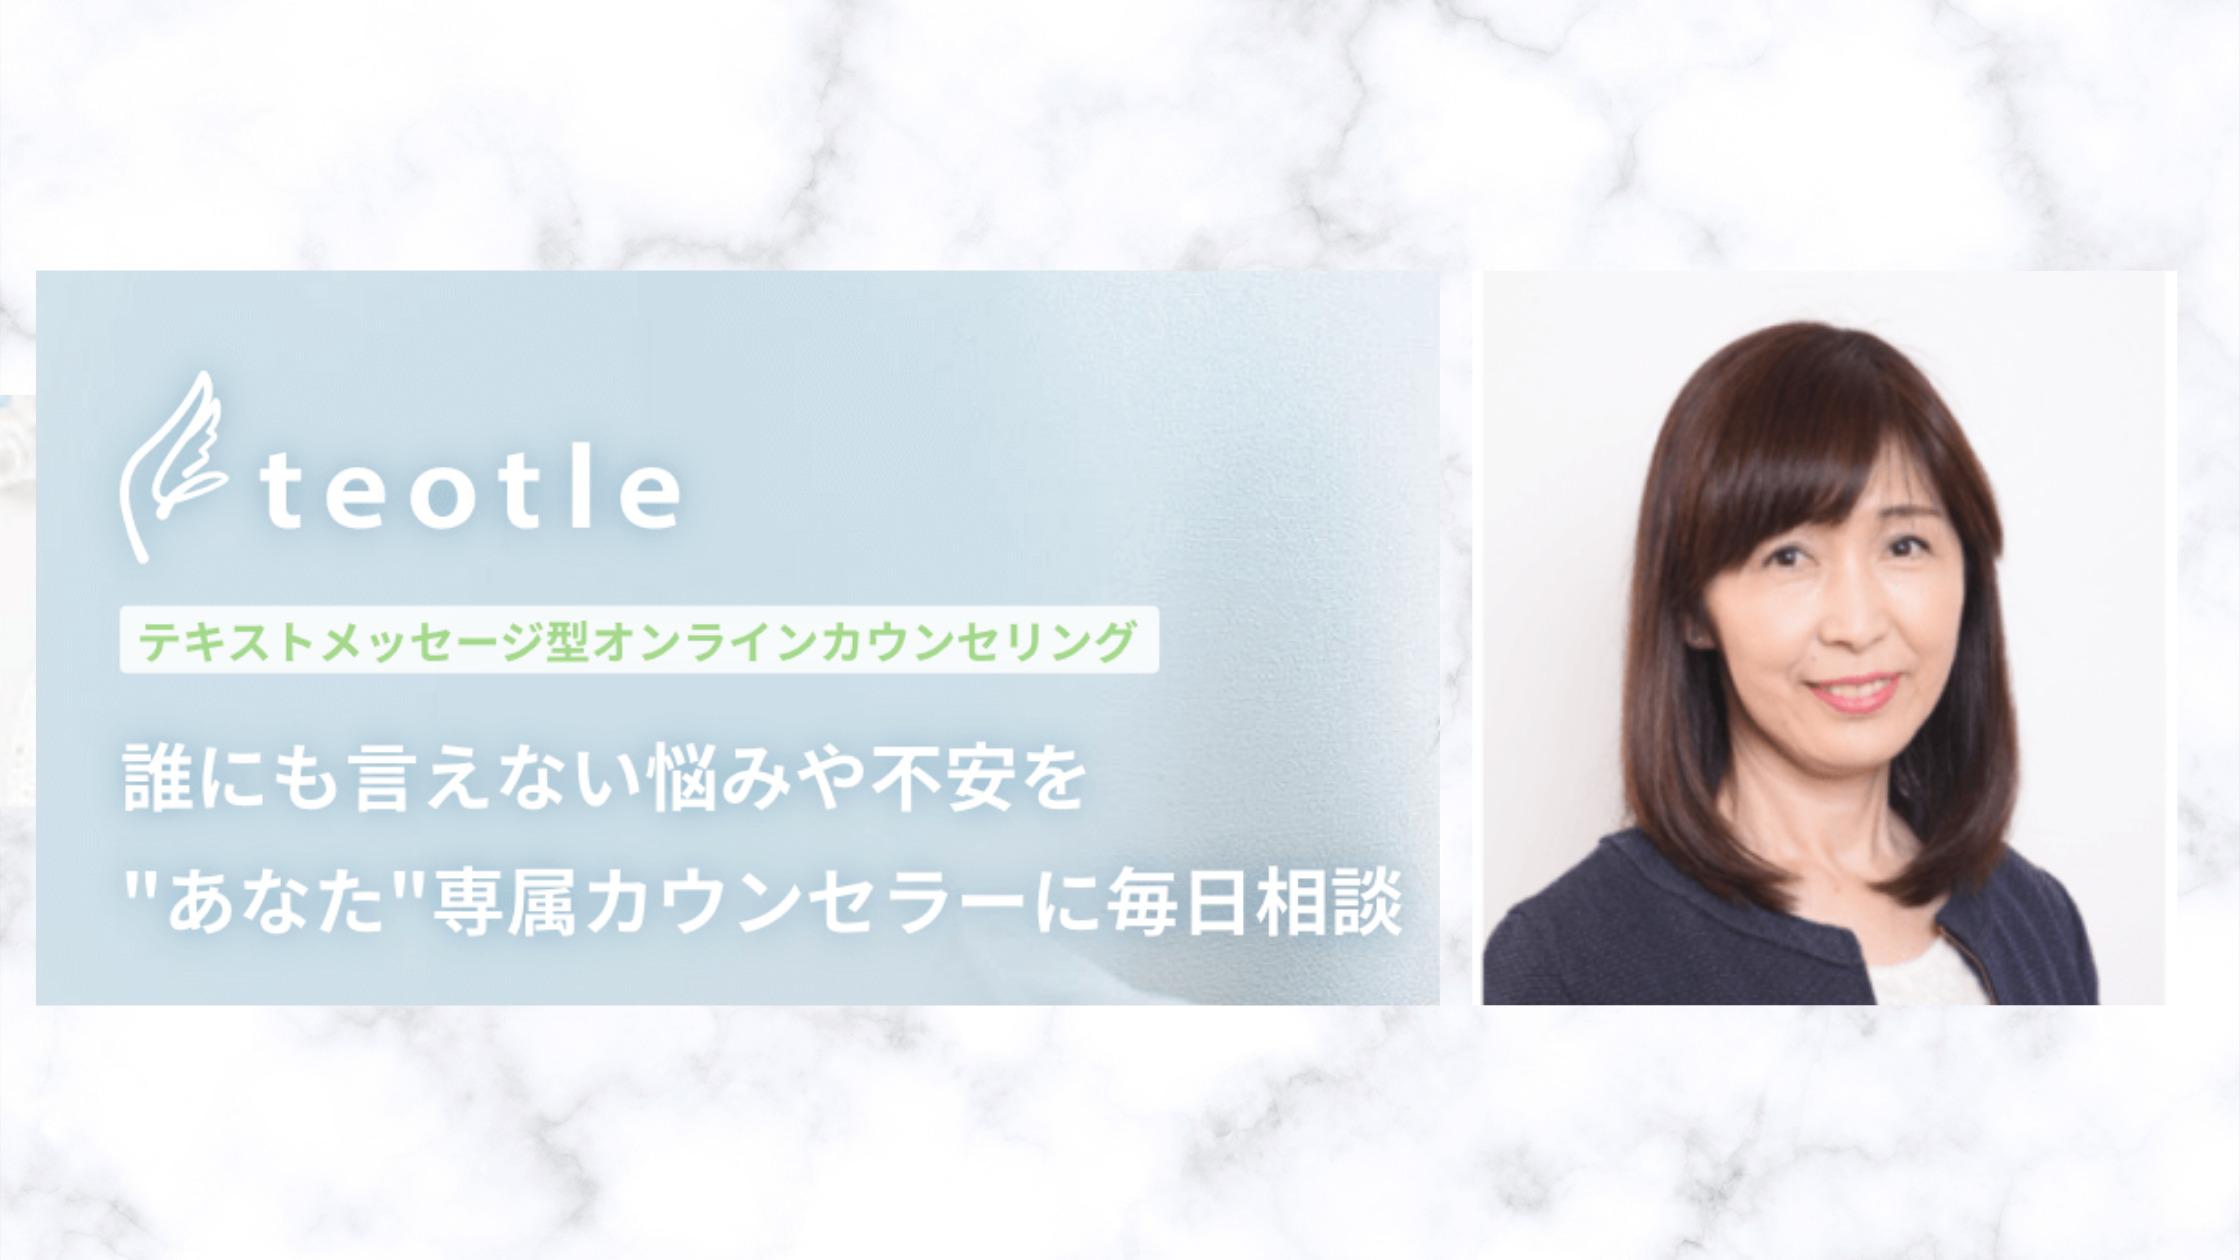 【teotle】すみよしひさこ先生のカウンセリングの口コミは?夫婦問題におすすめ